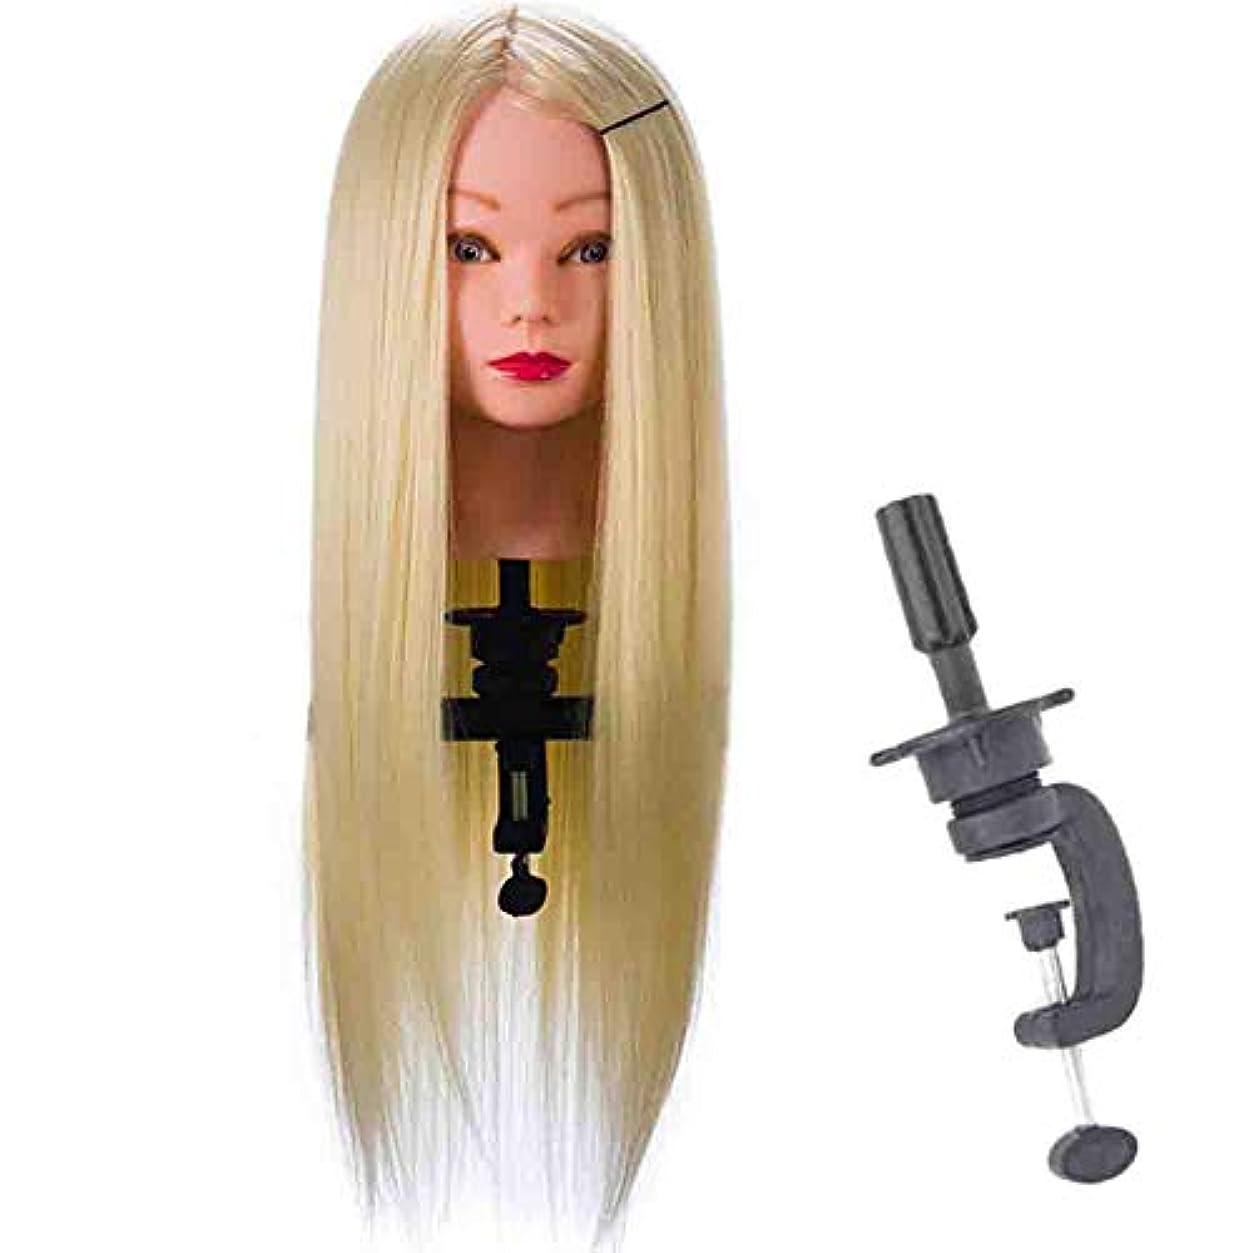 幻想思い出印象的シミュレーションウィッグヘッドダイドールヘッドモデルエクササイズディスクヘアブレードヘアメイクスタイリングヘアサロンダミーマネキンヘッド